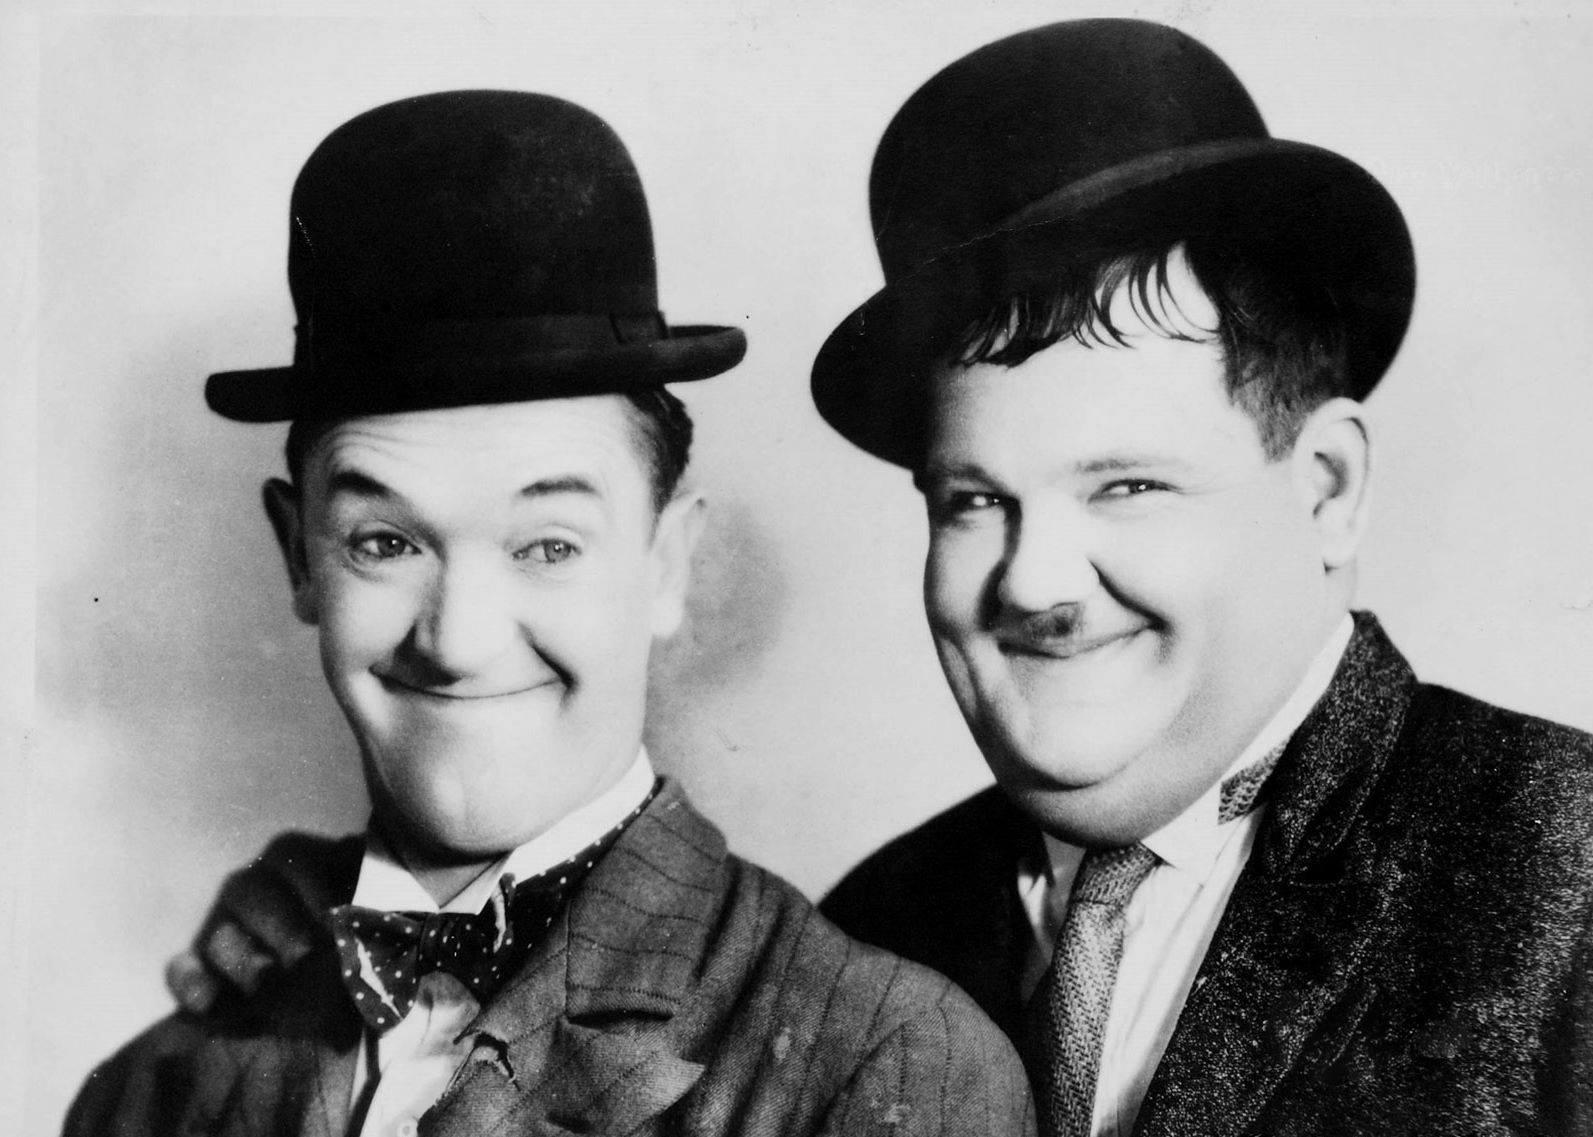 Stan Laurel (1890 - 1965) Oliver Hardy (1892 - 1957)